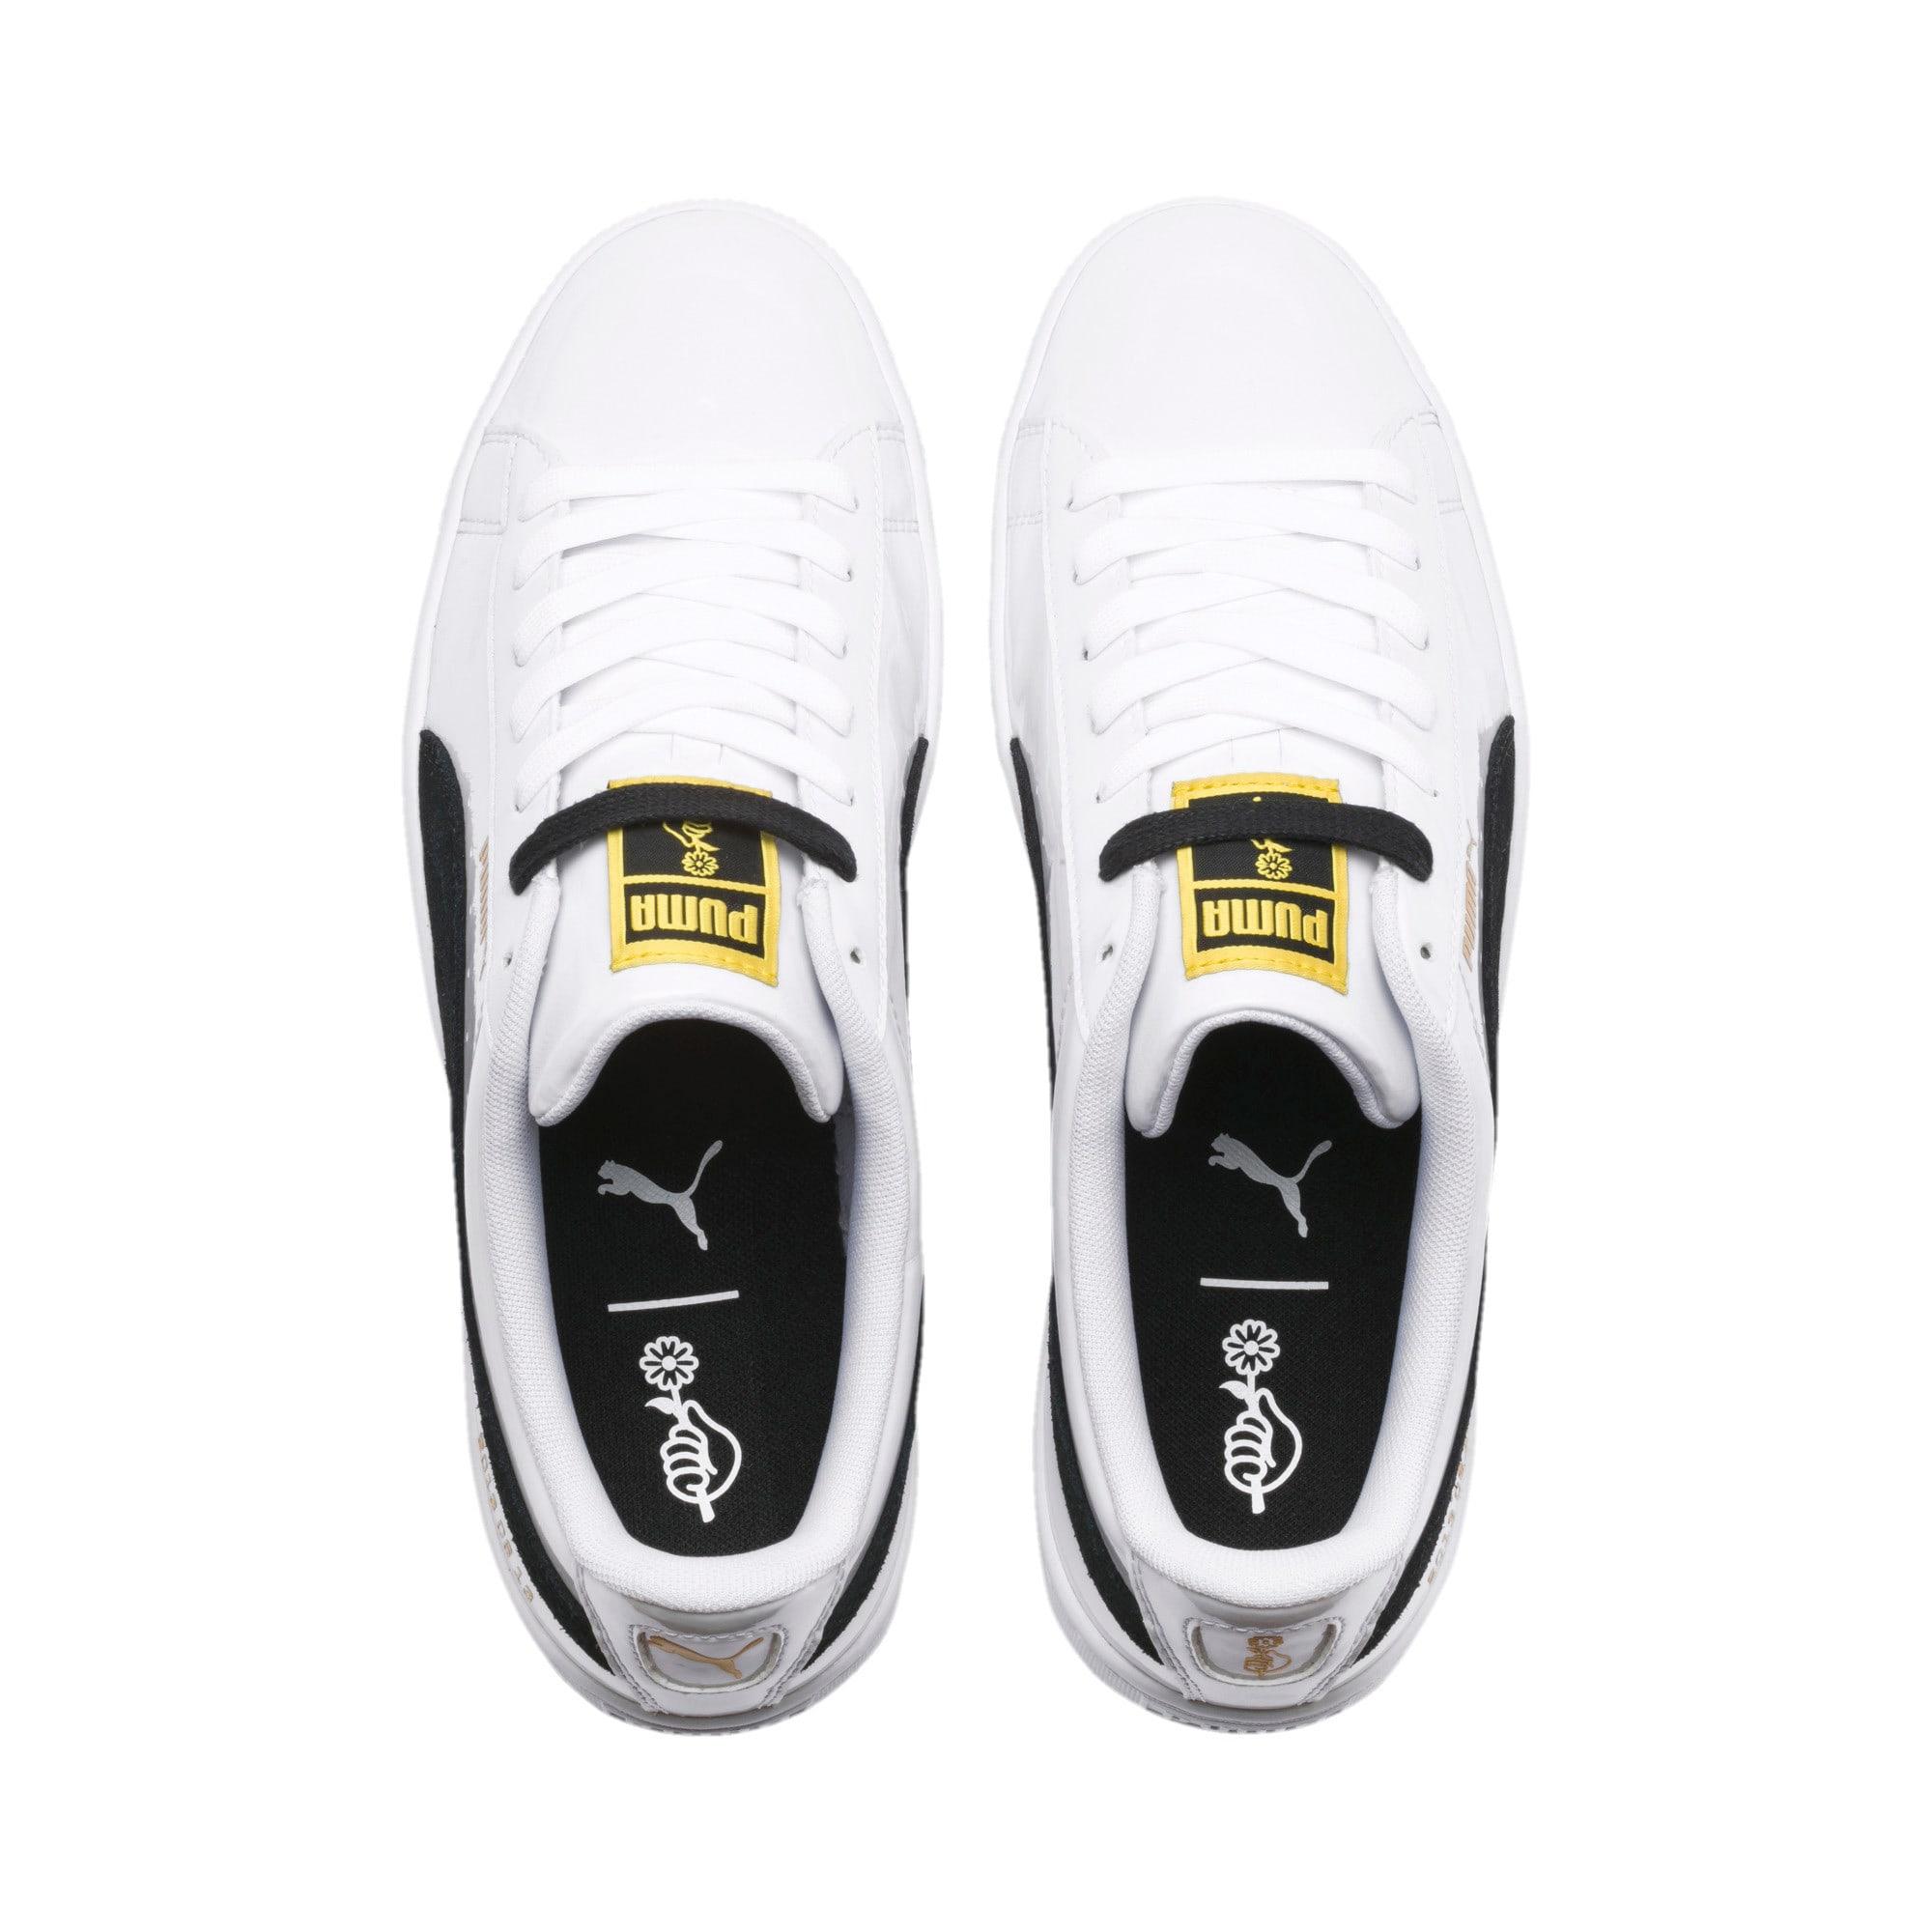 premium selection 366c6 e28a5 PUMA x BTS Basket Patent Sneakers